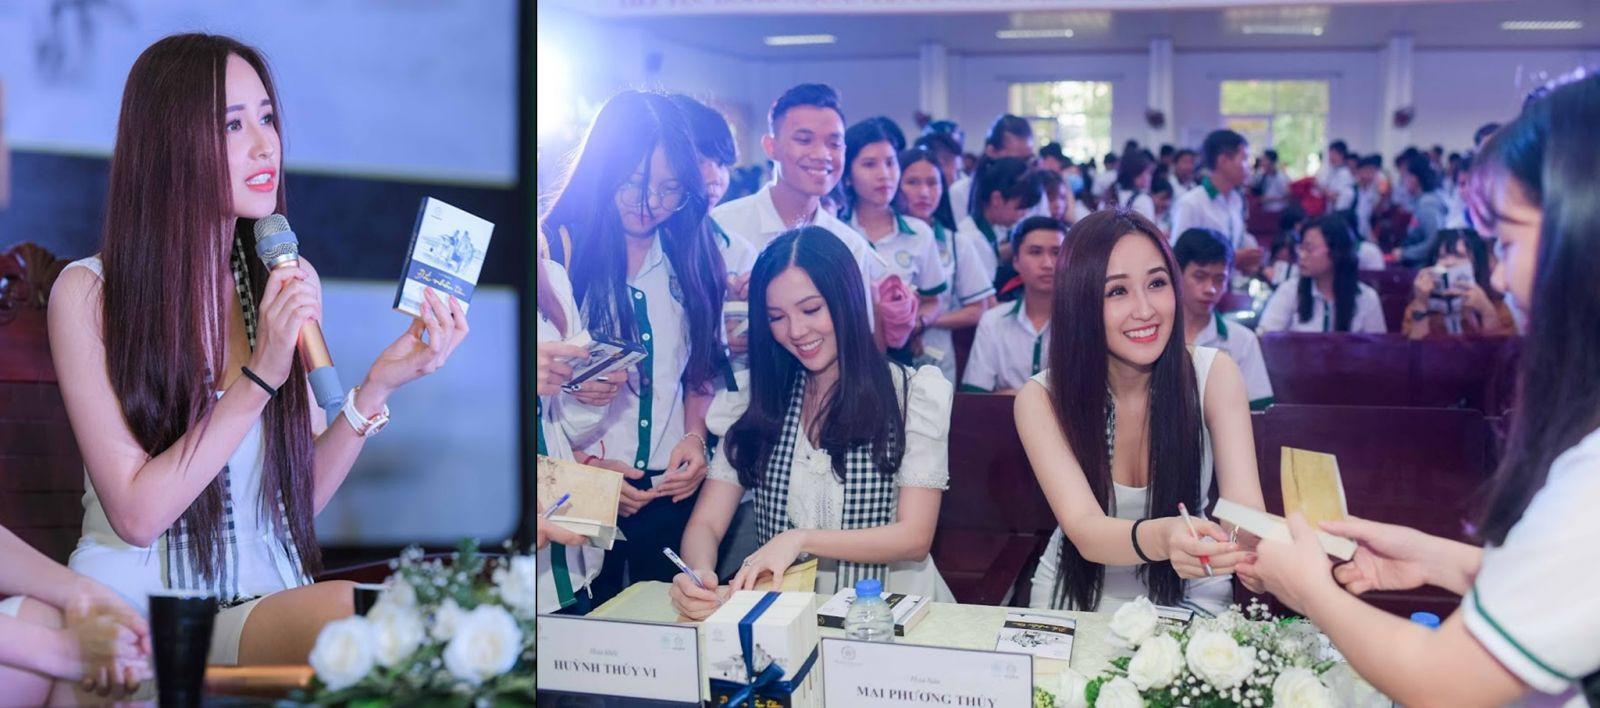 Hoa hậu Mai Phương Thúy chia sẻ một trong những bí quyết thành công của cô đến từ việc đọc sách. Cô đã đọc trọn vẹn 5 cuốn sách quý của Tủ sách Nền Tảng Đổi Đời